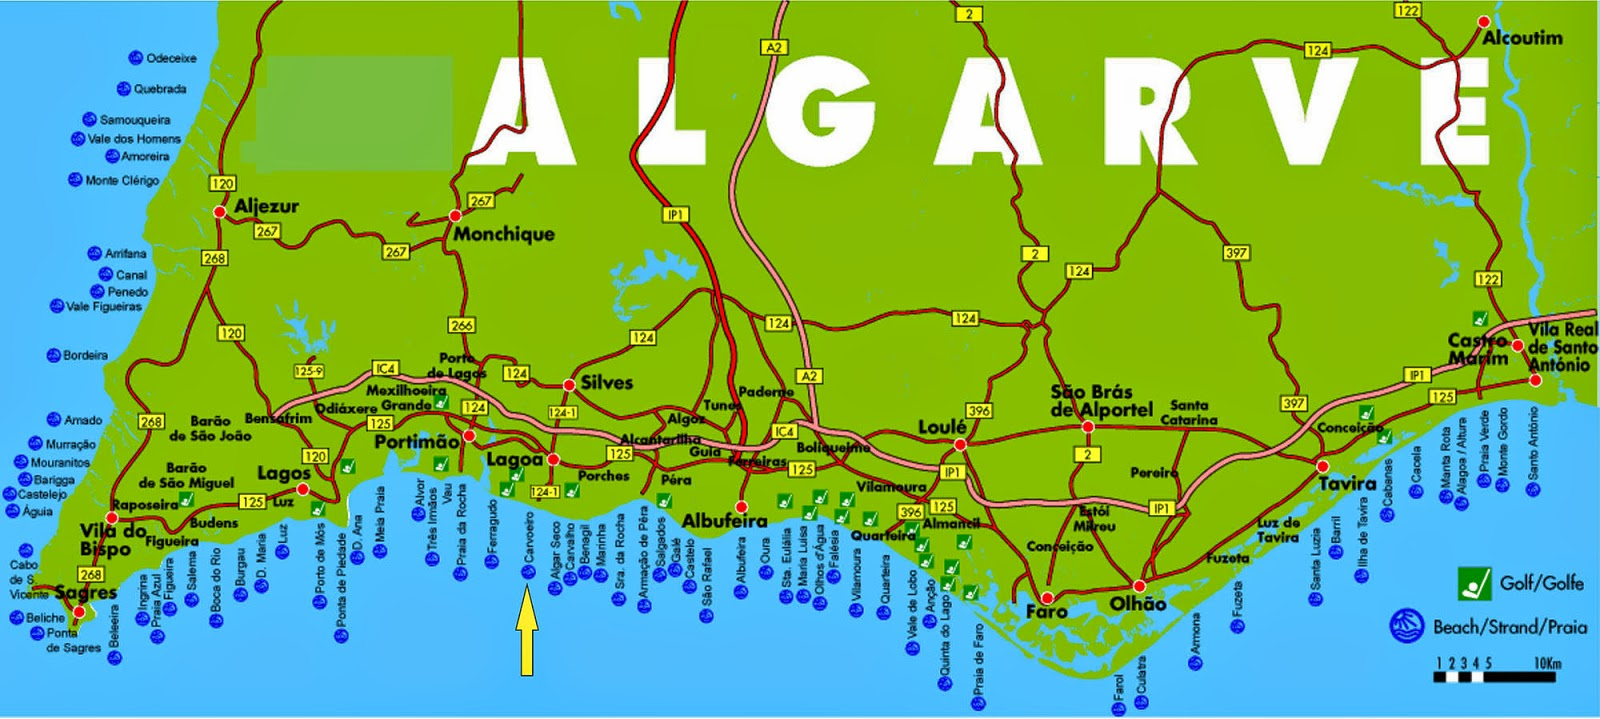 carvoeiro mapa Mapas de Carvoeiro   Portugal | MapasBlog carvoeiro mapa